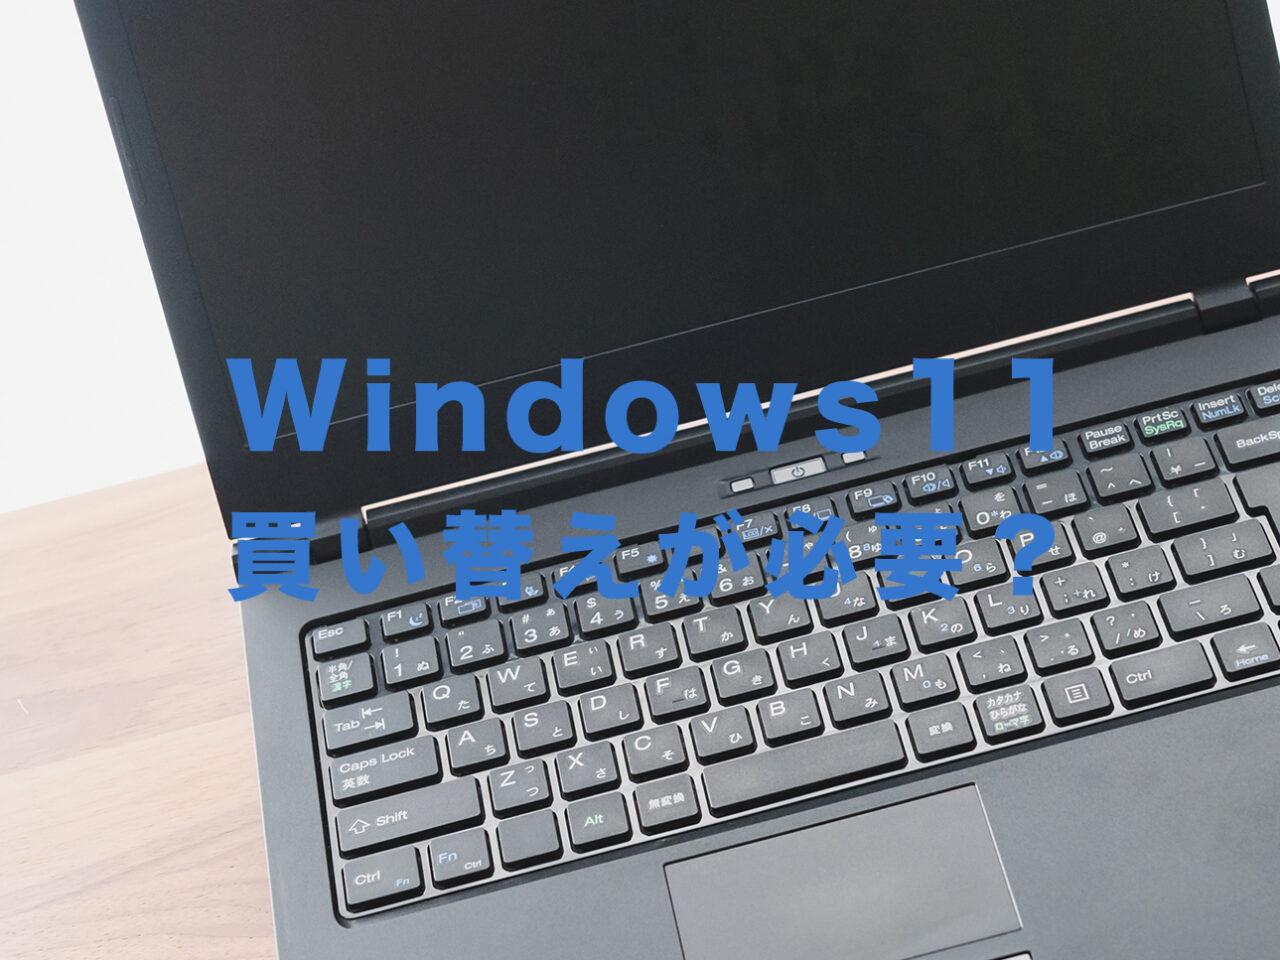 Windows11で買い替えが必要?PC(パソコン)買い替えが必要かどうかを確認するツールの使い方を解説!のサムネイル画像